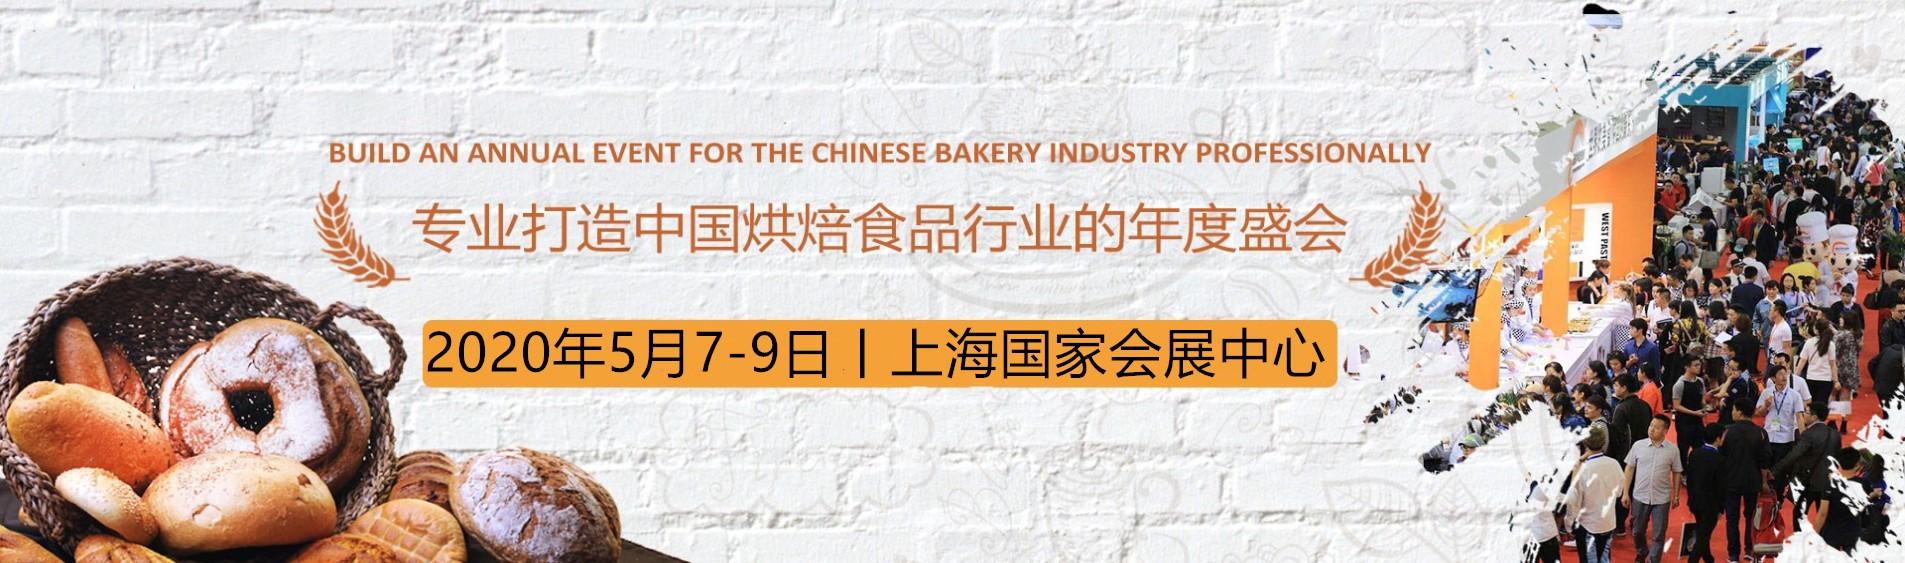 2020上海烘焙展览会来袭 开启烘焙市场新时代